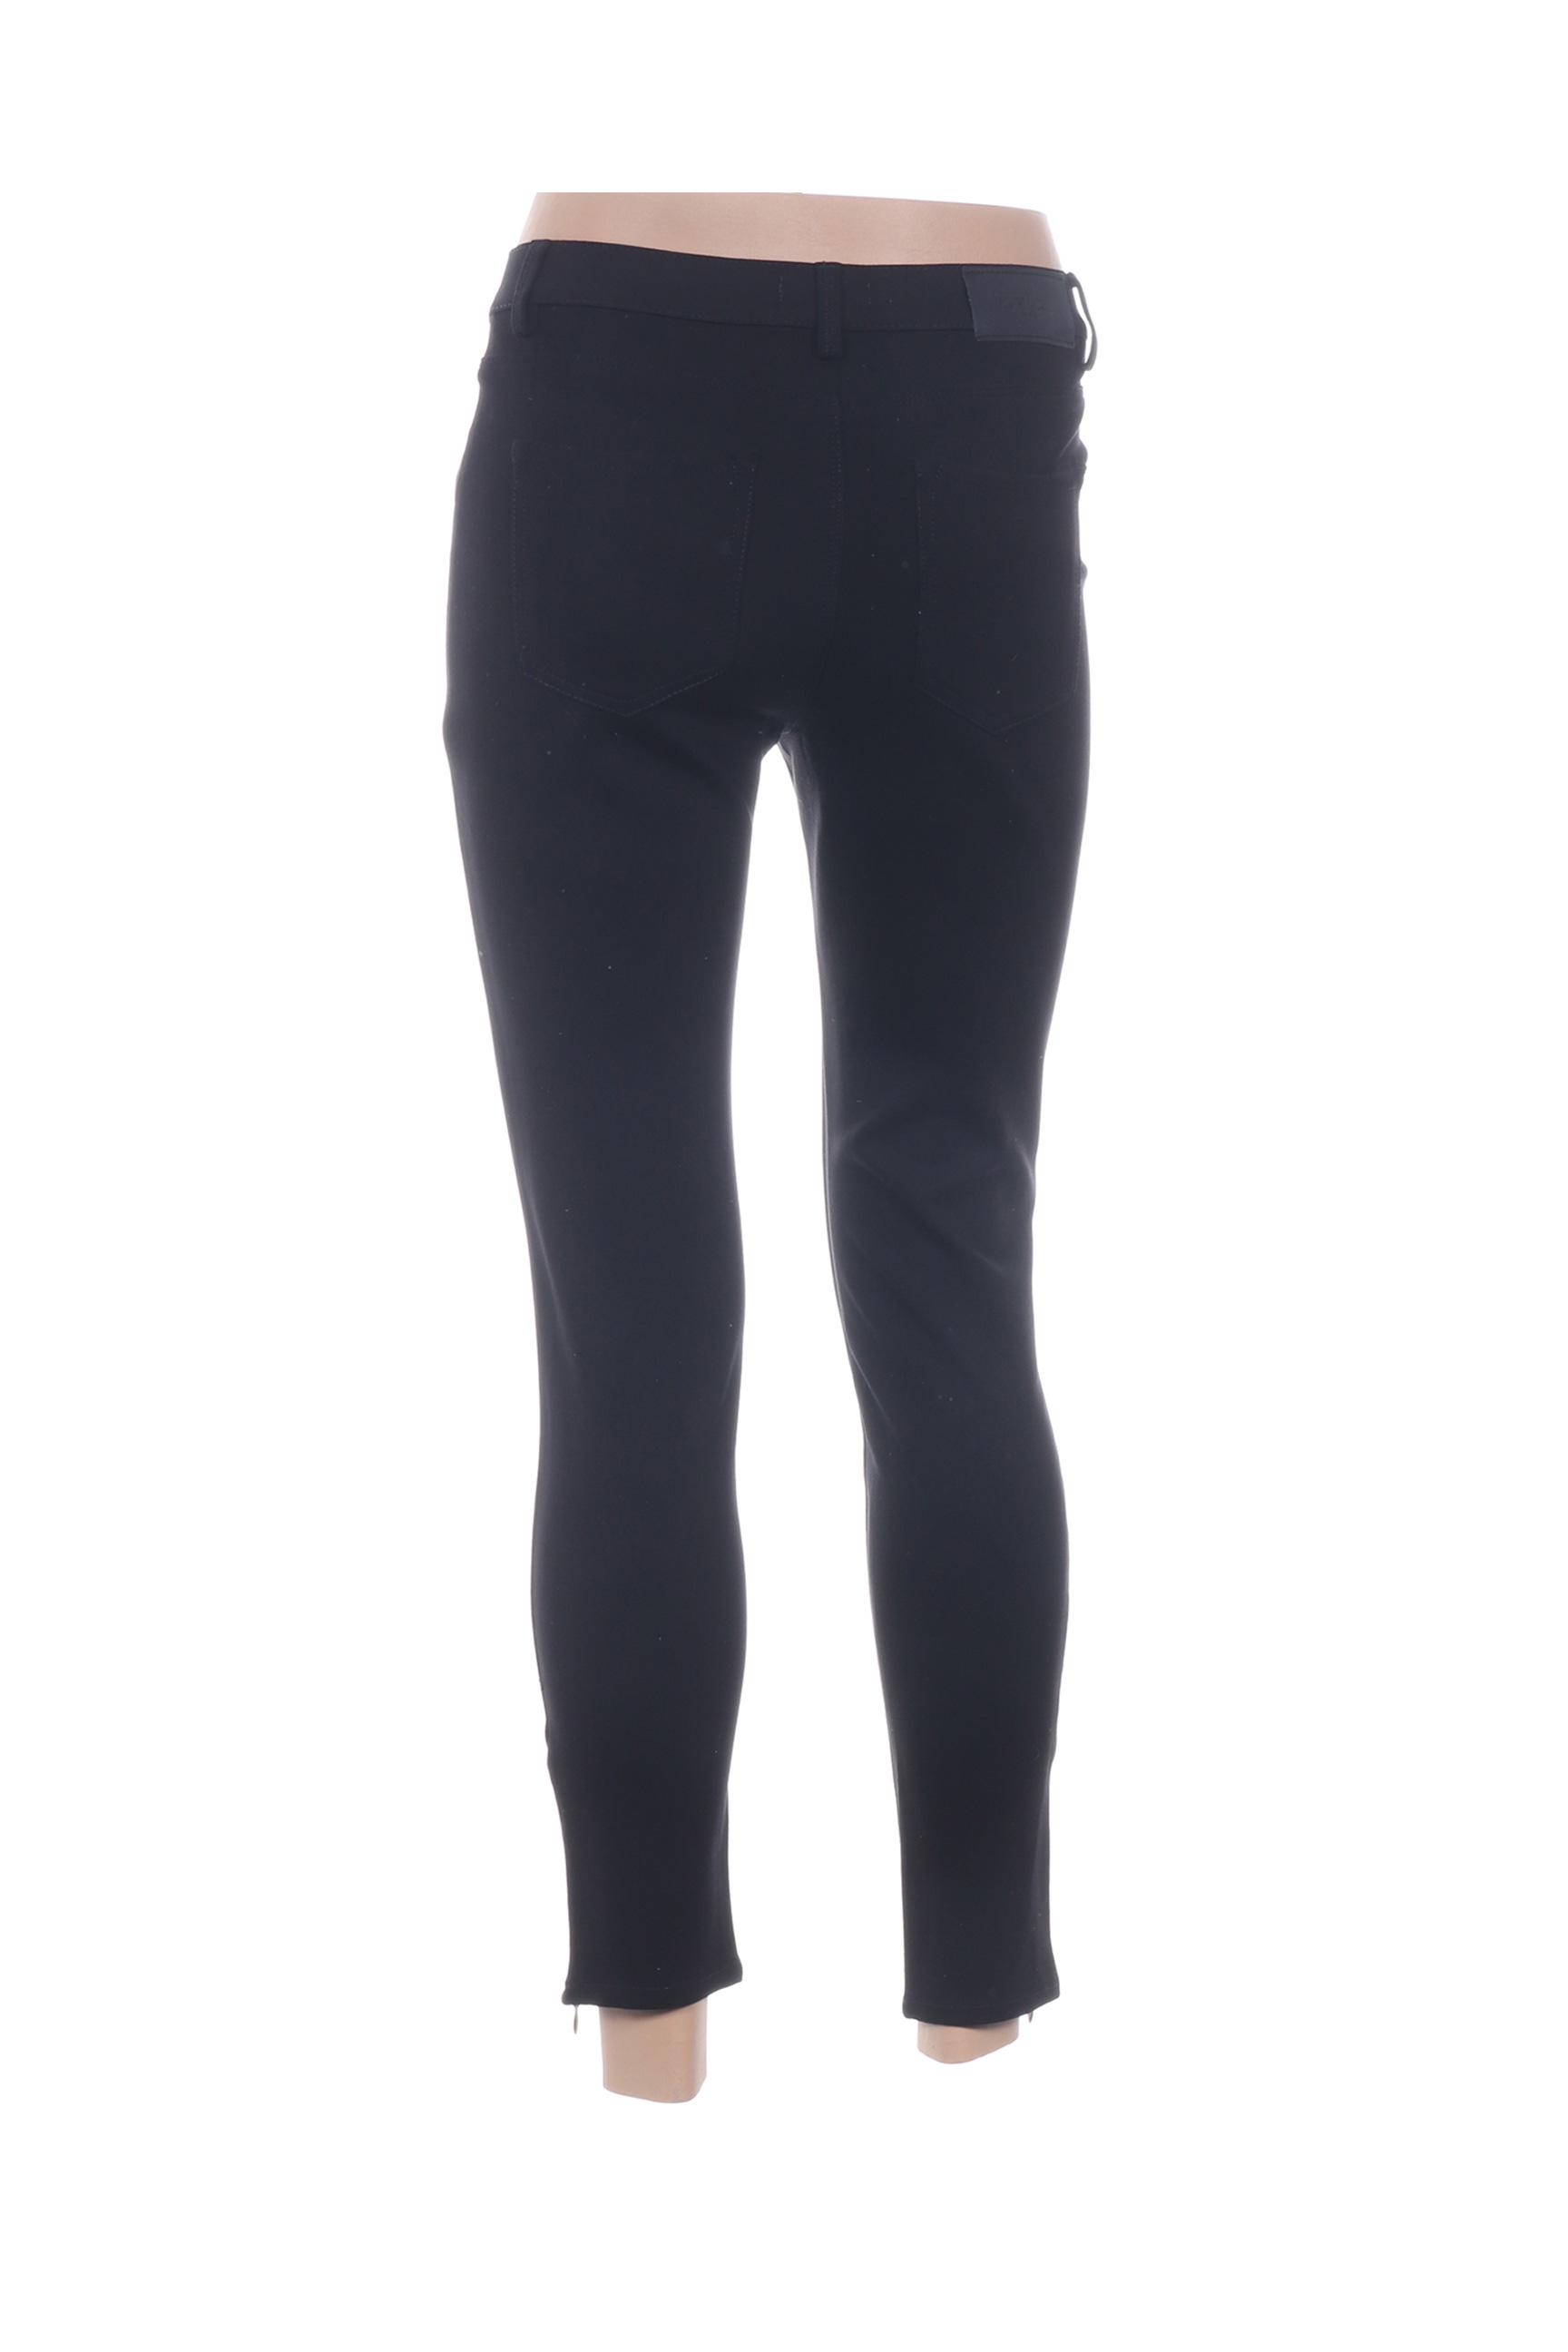 Votre Nom Pantalon7 8 Femme De Couleur Noir En Soldes Pas Cher 1326569-noir00